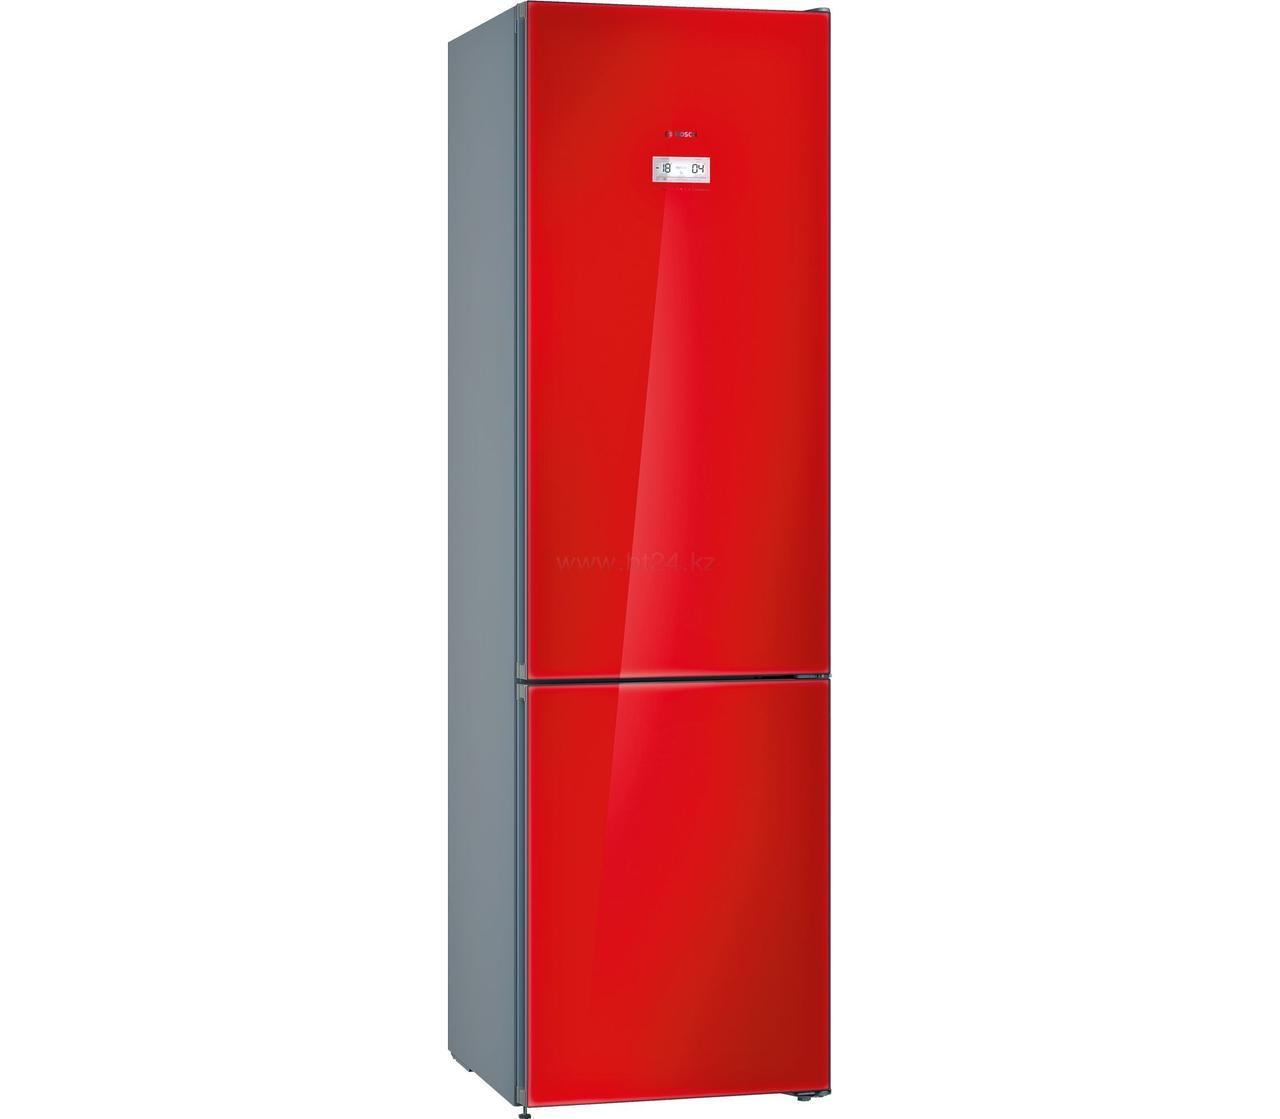 BOSCH KGN39JR3AR холодильник